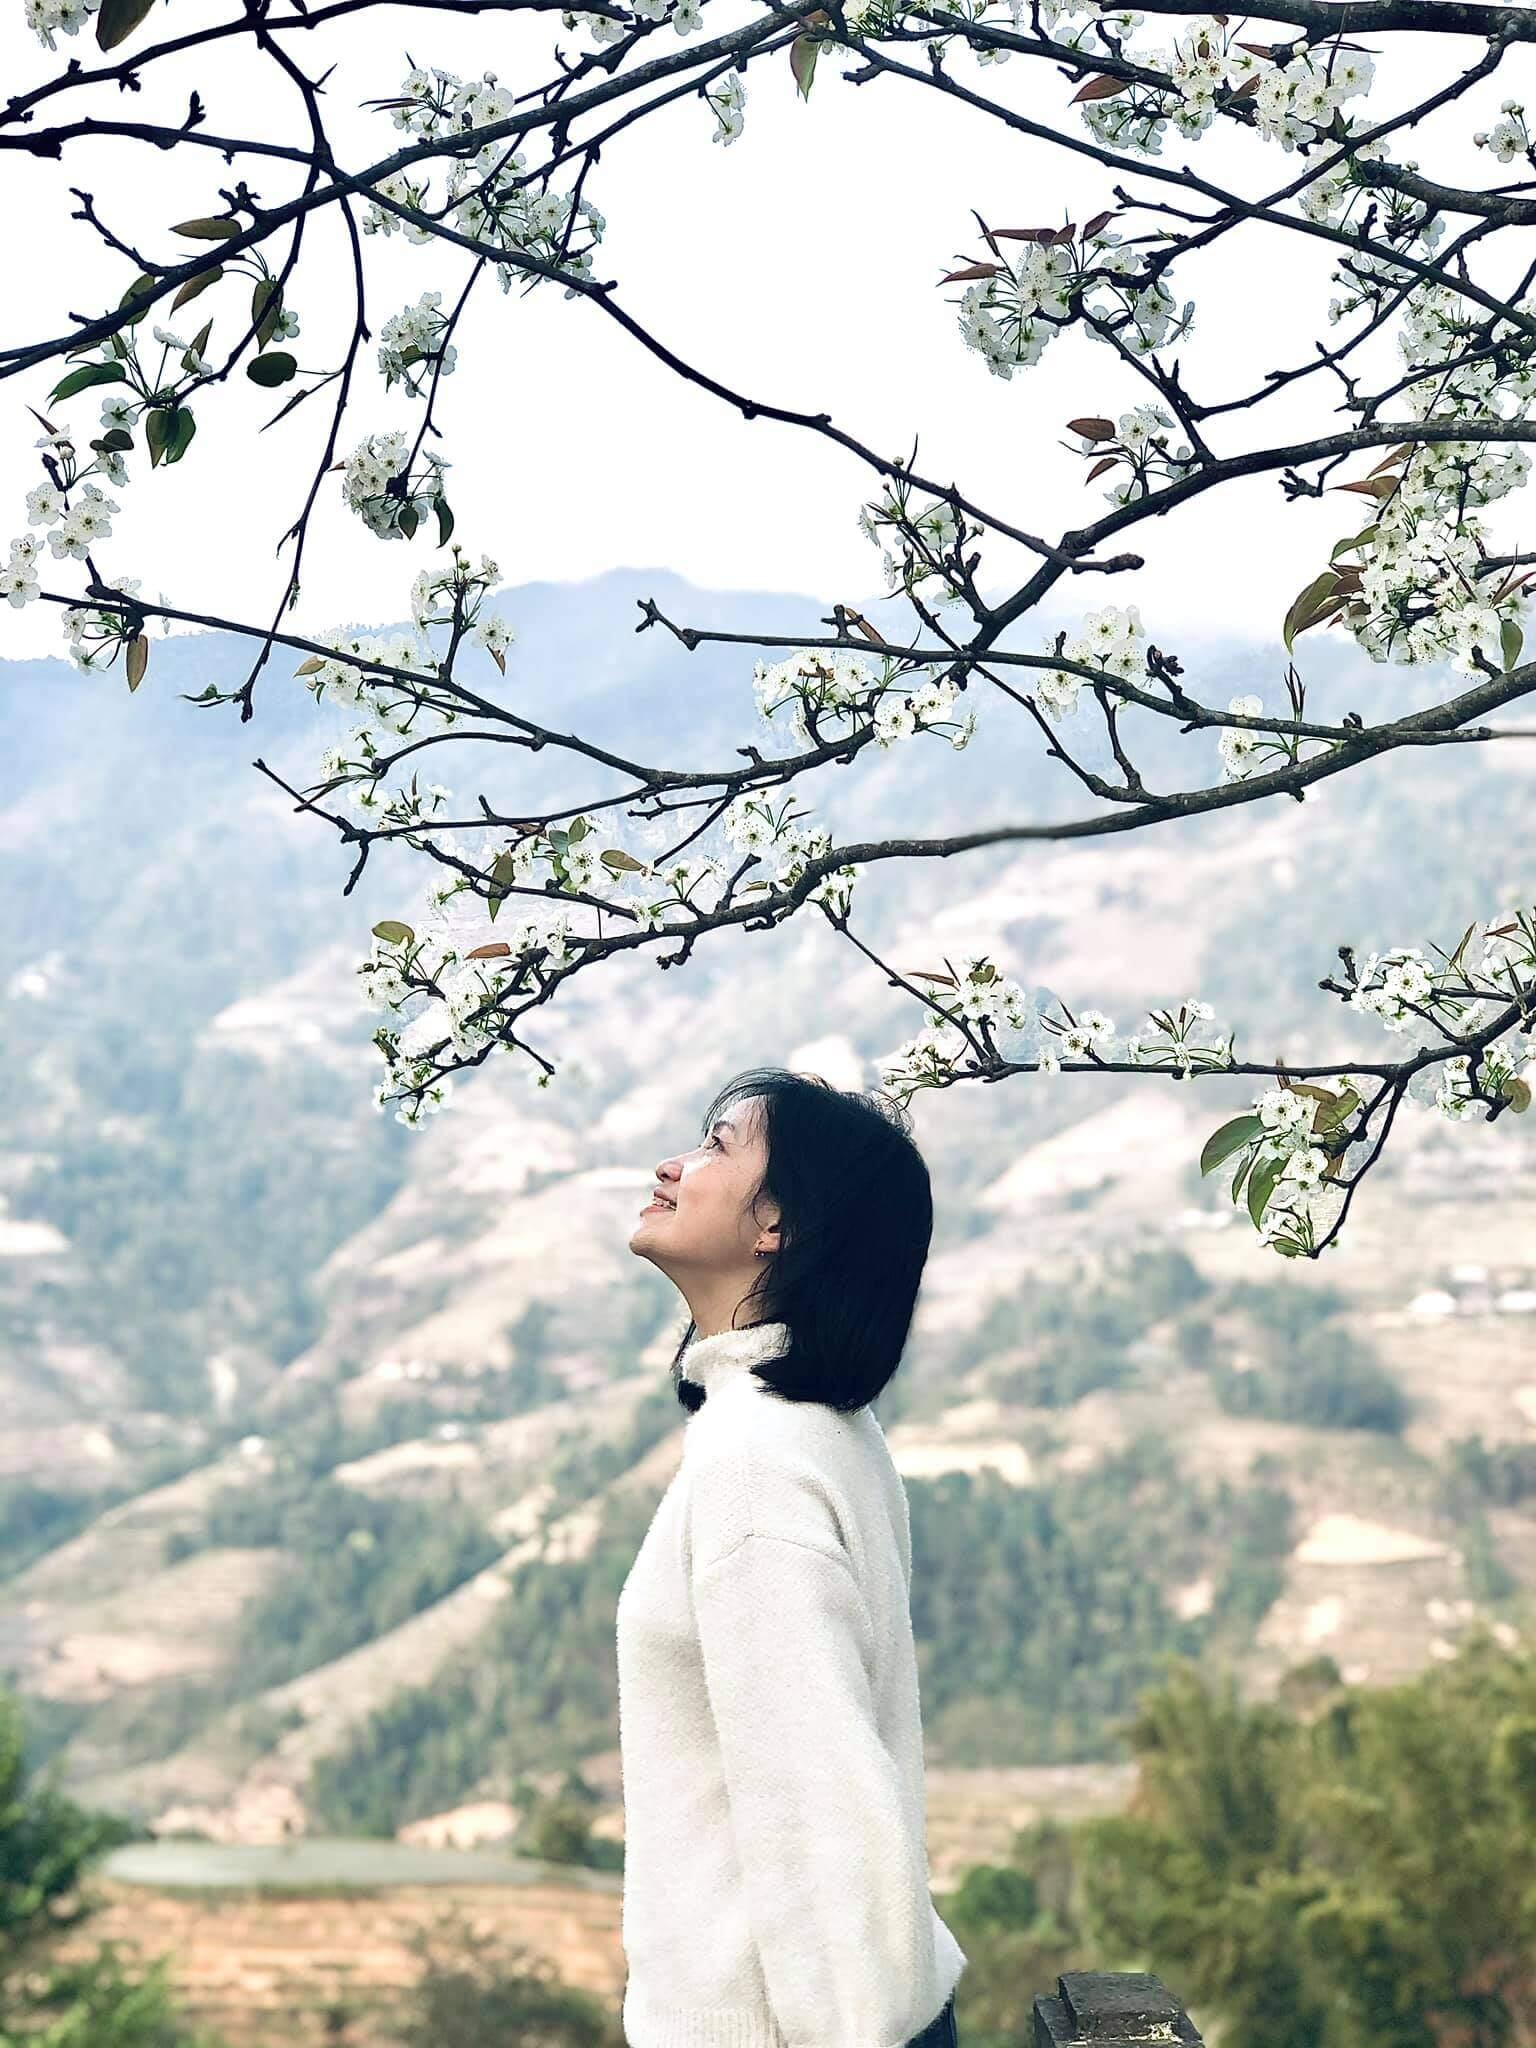 Hoàng Su Phì, Hà Giang